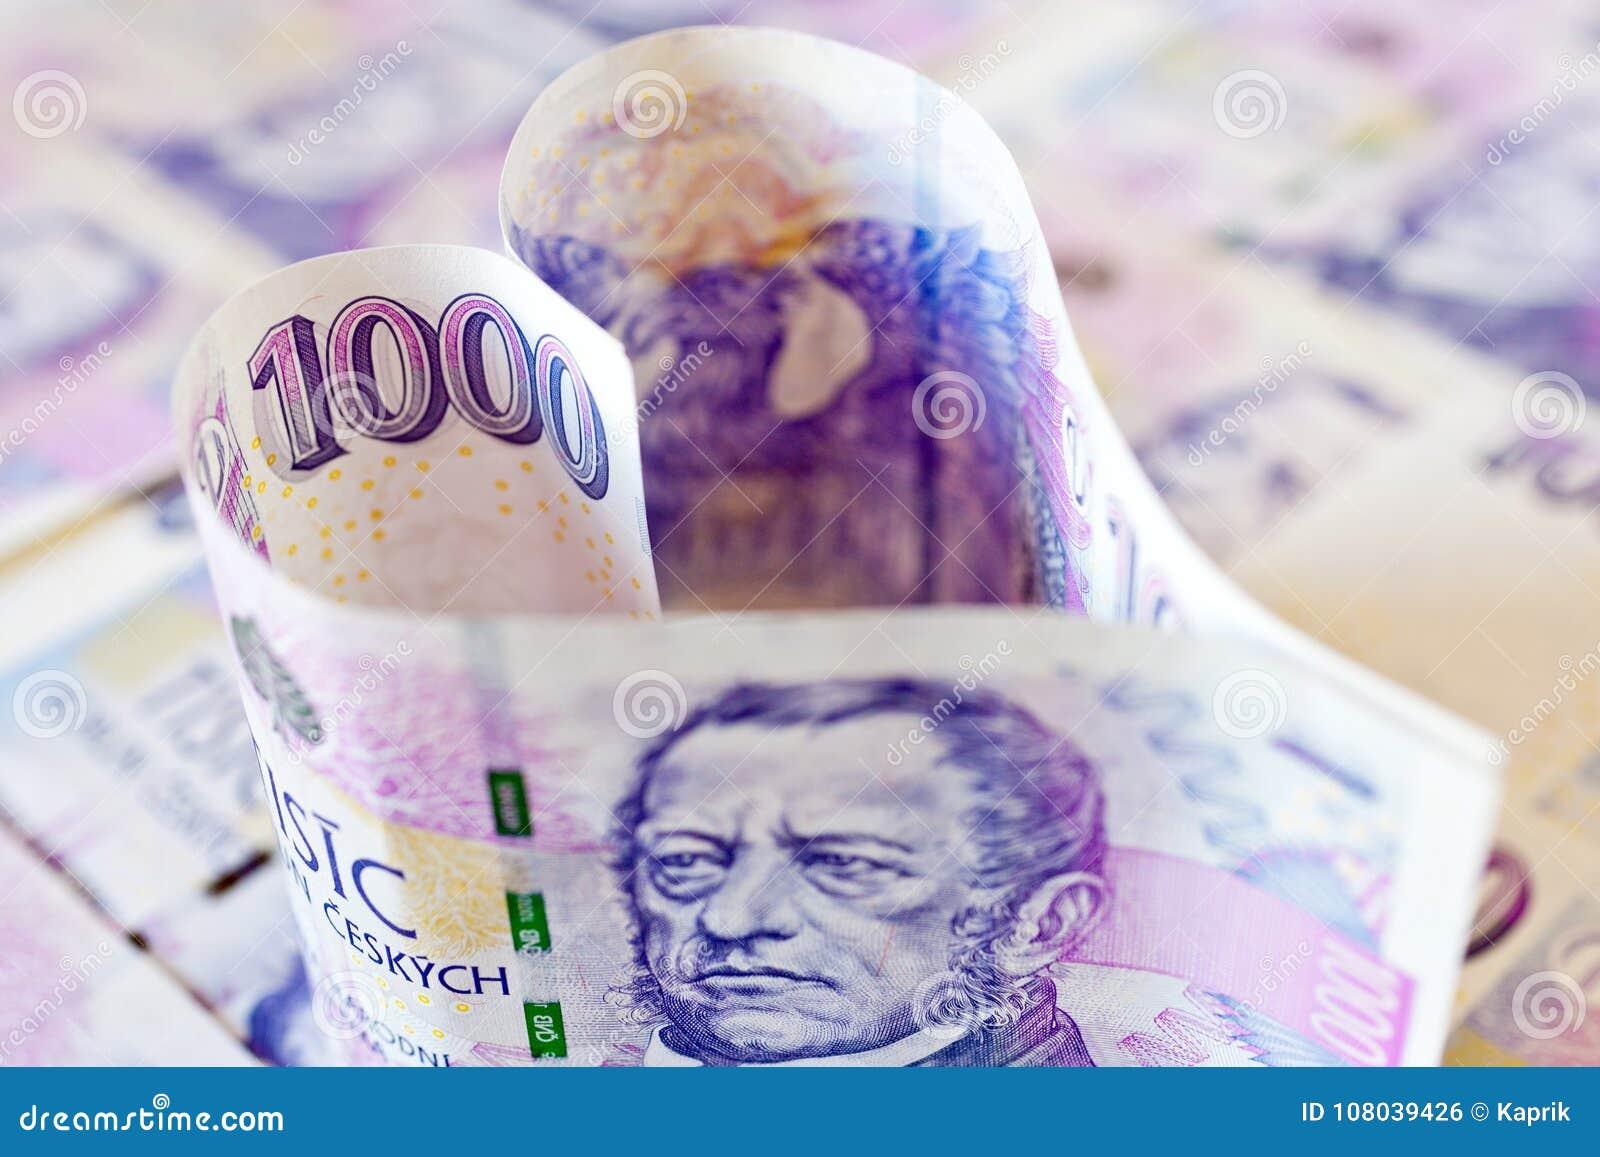 Monnaie fiduciaire tchèque dans une forme du coeur - économie et finances